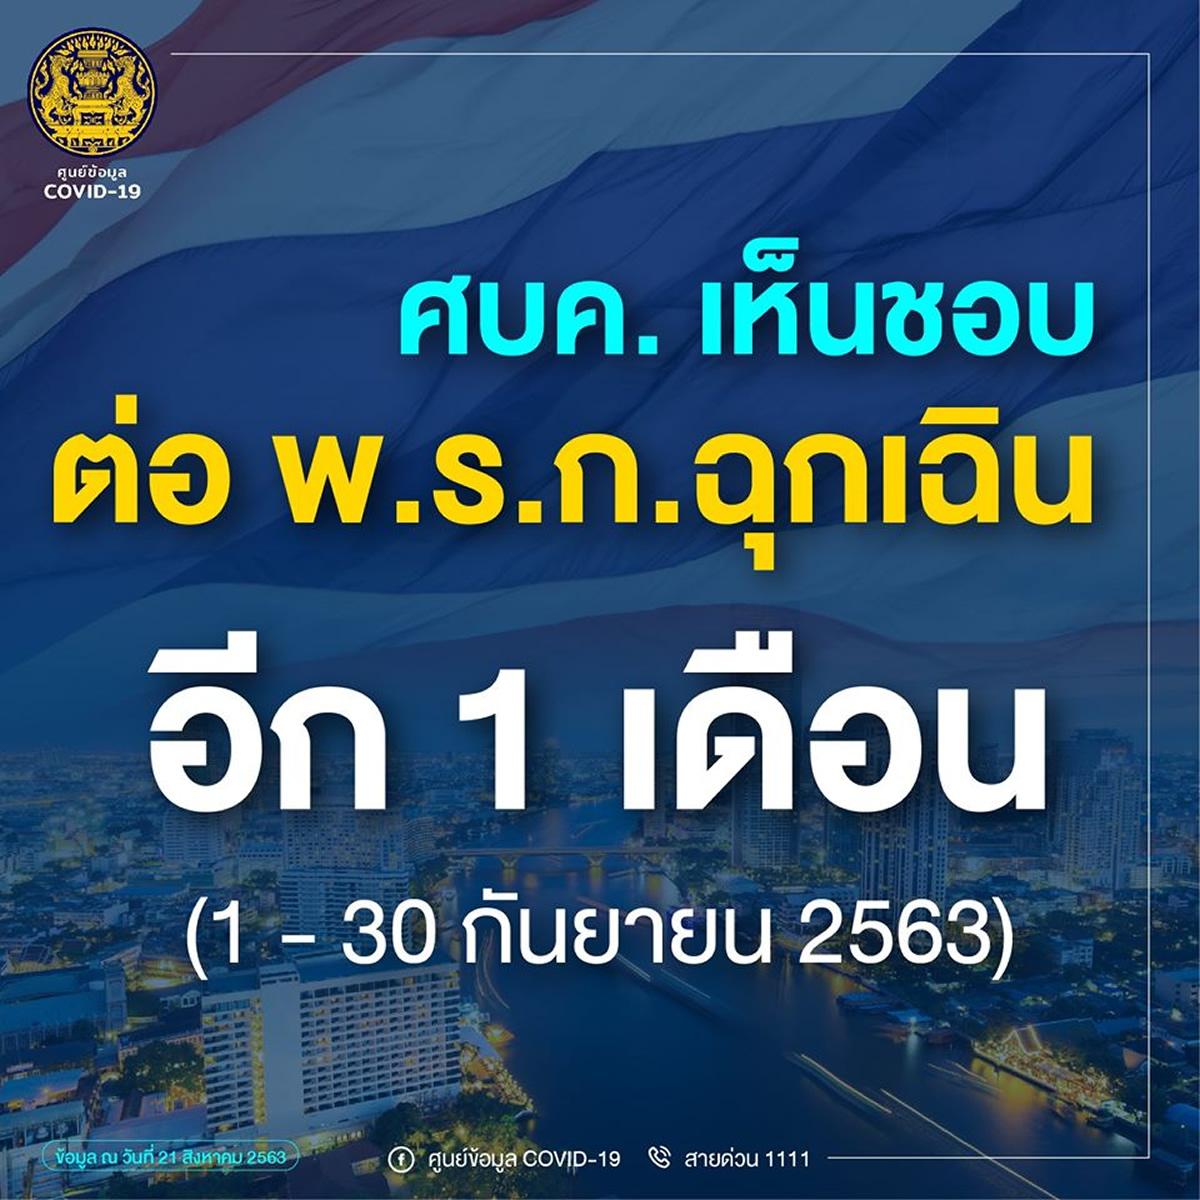 タイの非常事態令は2020年9月30日まで延長へ、CCSAが発表